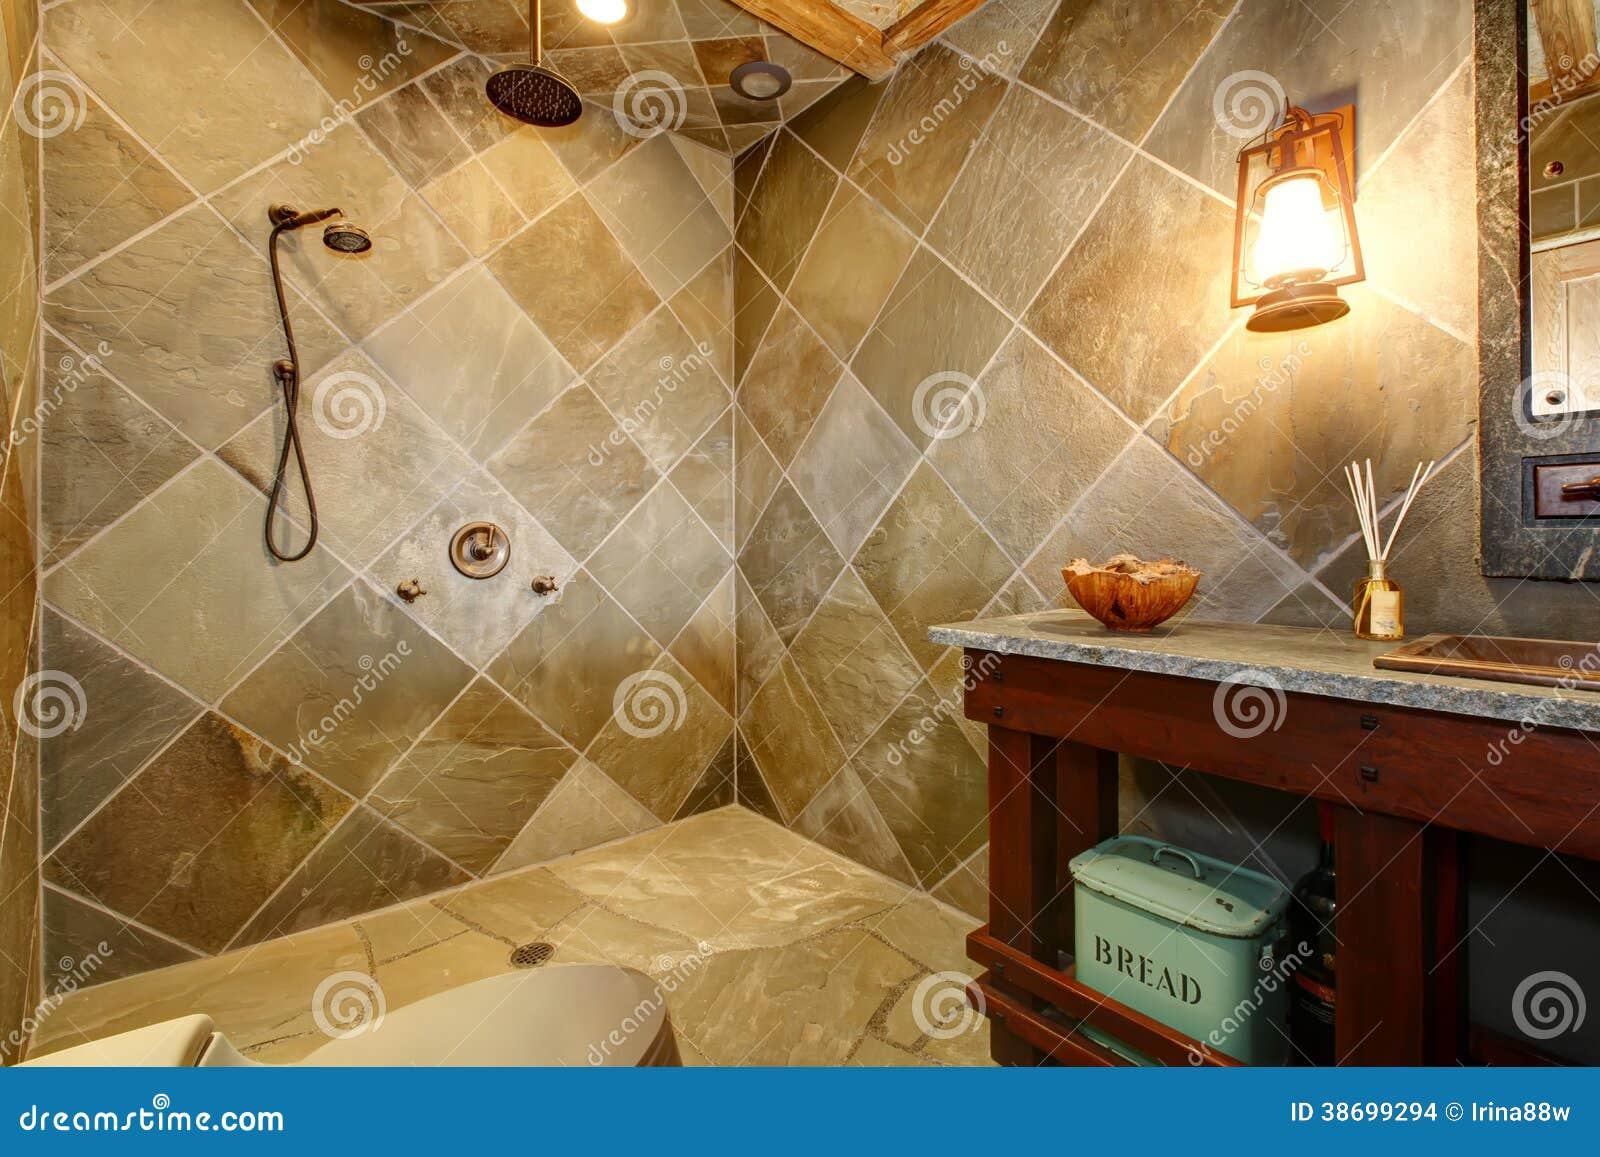 Bagno Con Doccia Aperta : Bagno stupefacente di stile del castello con una doccia aperta